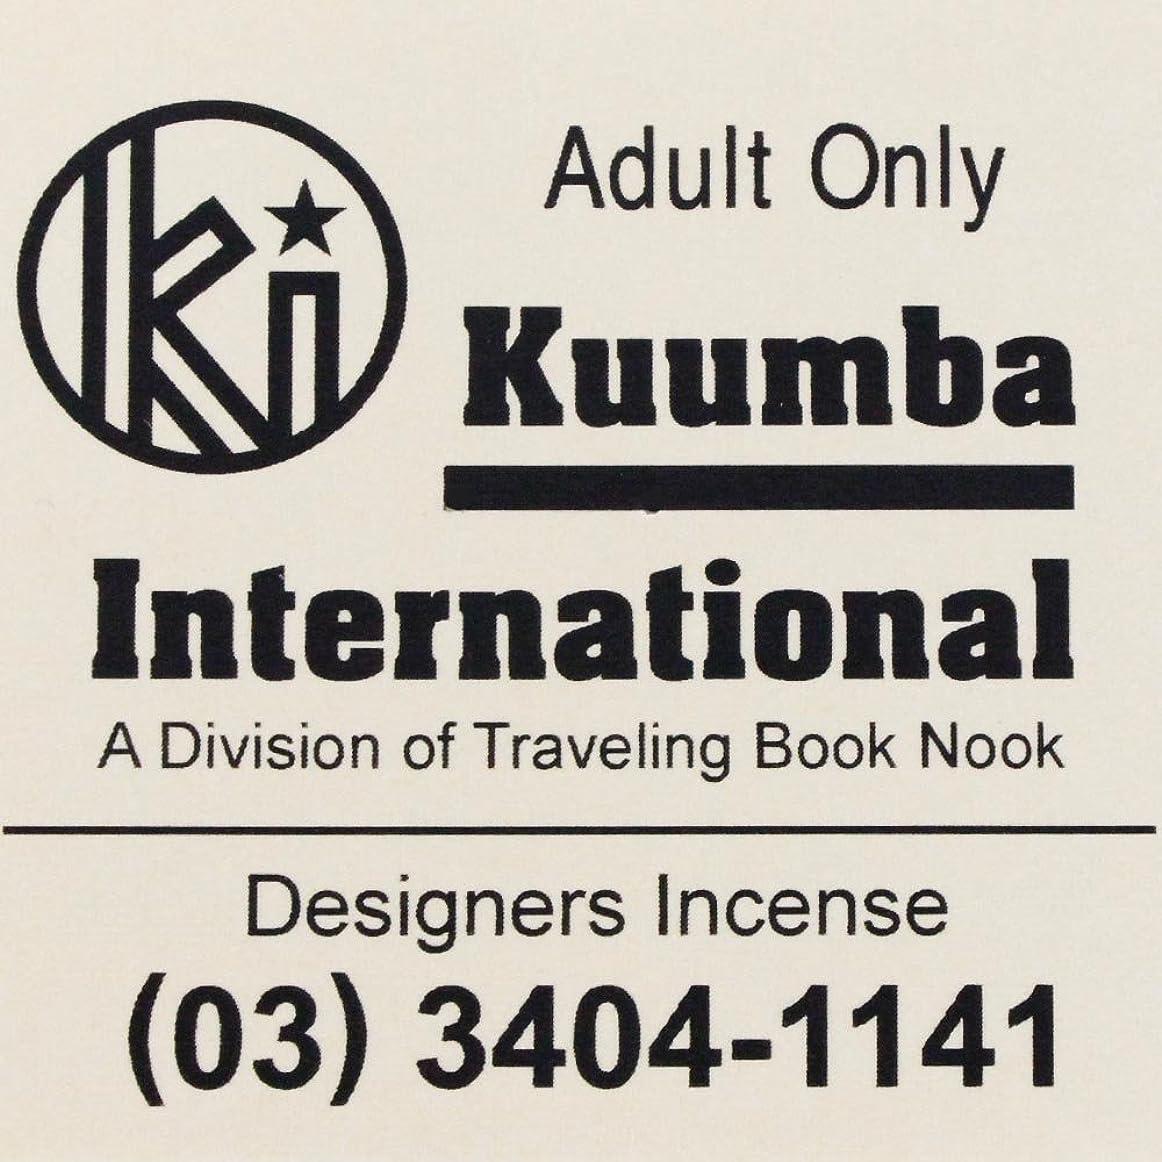 キャラクター延期する忌み嫌う(クンバ) KUUMBA『incense』(Adult Only) (Regular size)